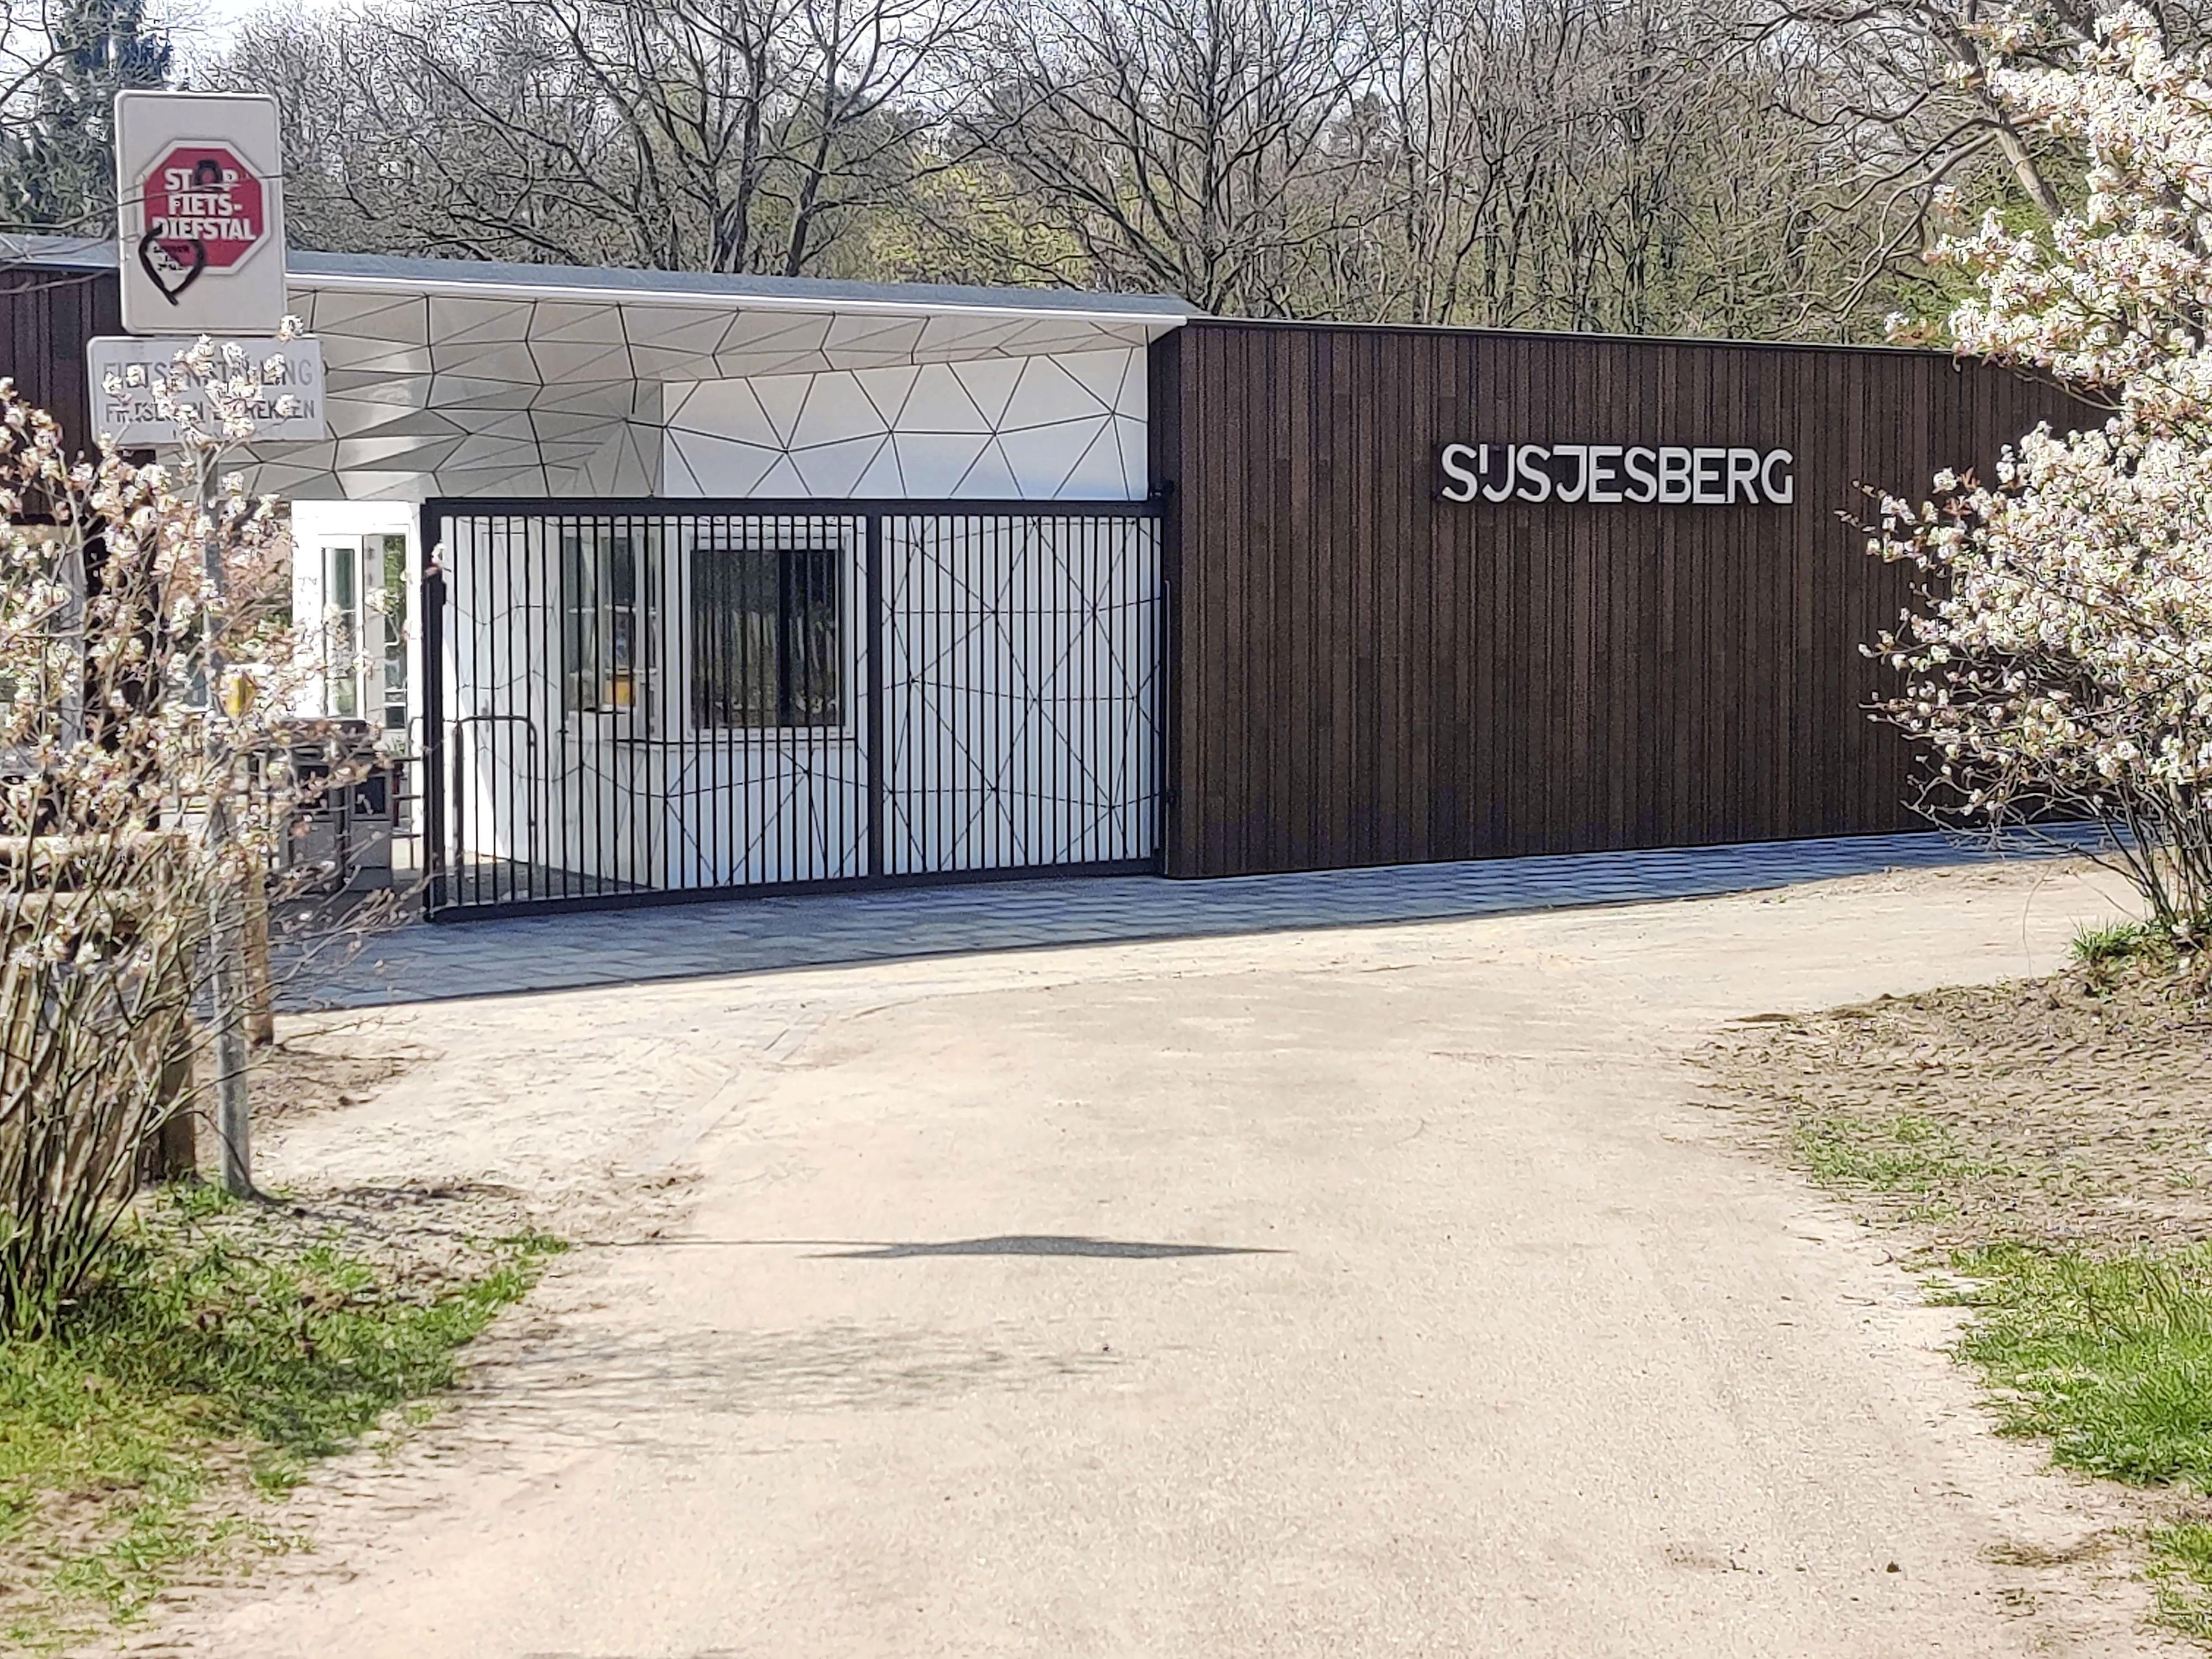 'Het water zal nog wel wat koud zijn', Zwembad Sijsjesberg in Huizen is verbouwd en opent zaterdag de deuren